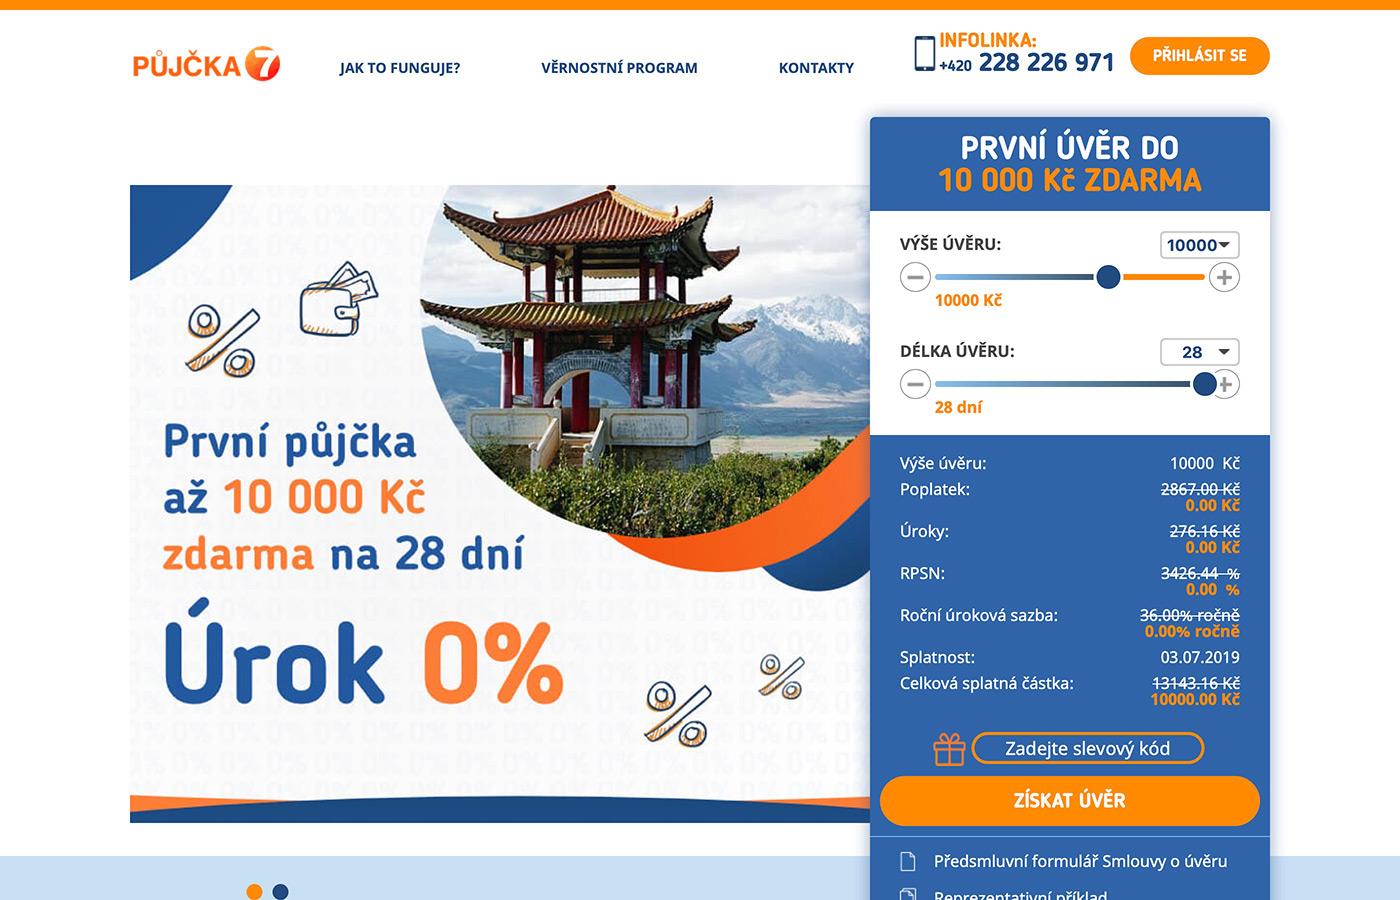 Náhled webu https://www.pujcka7.cz